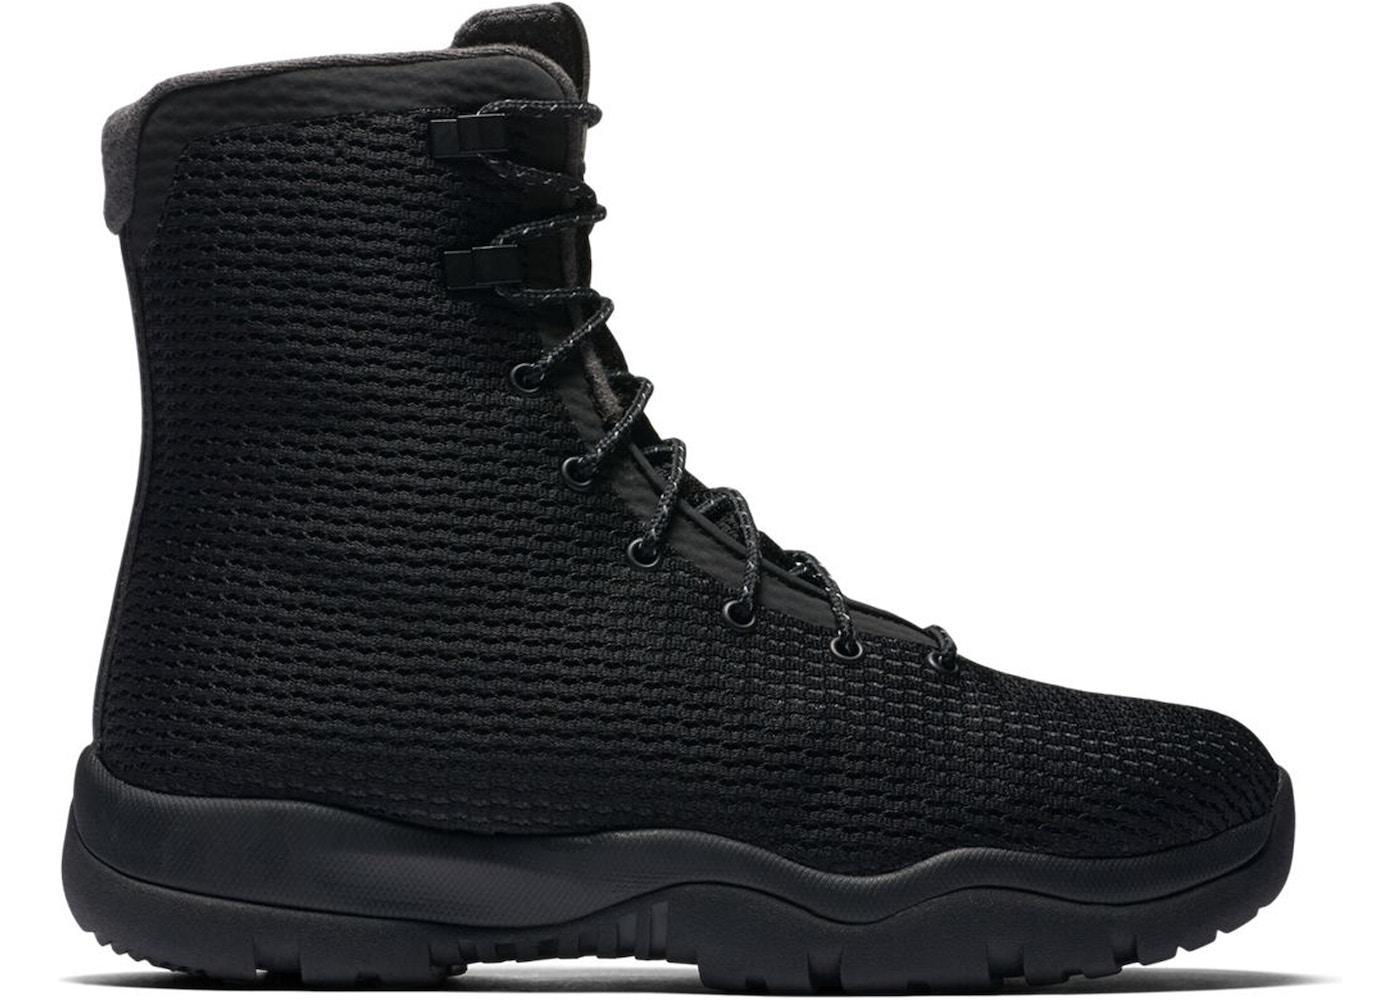 Jordan Future Boot Black - 854554-002 32ddadd73